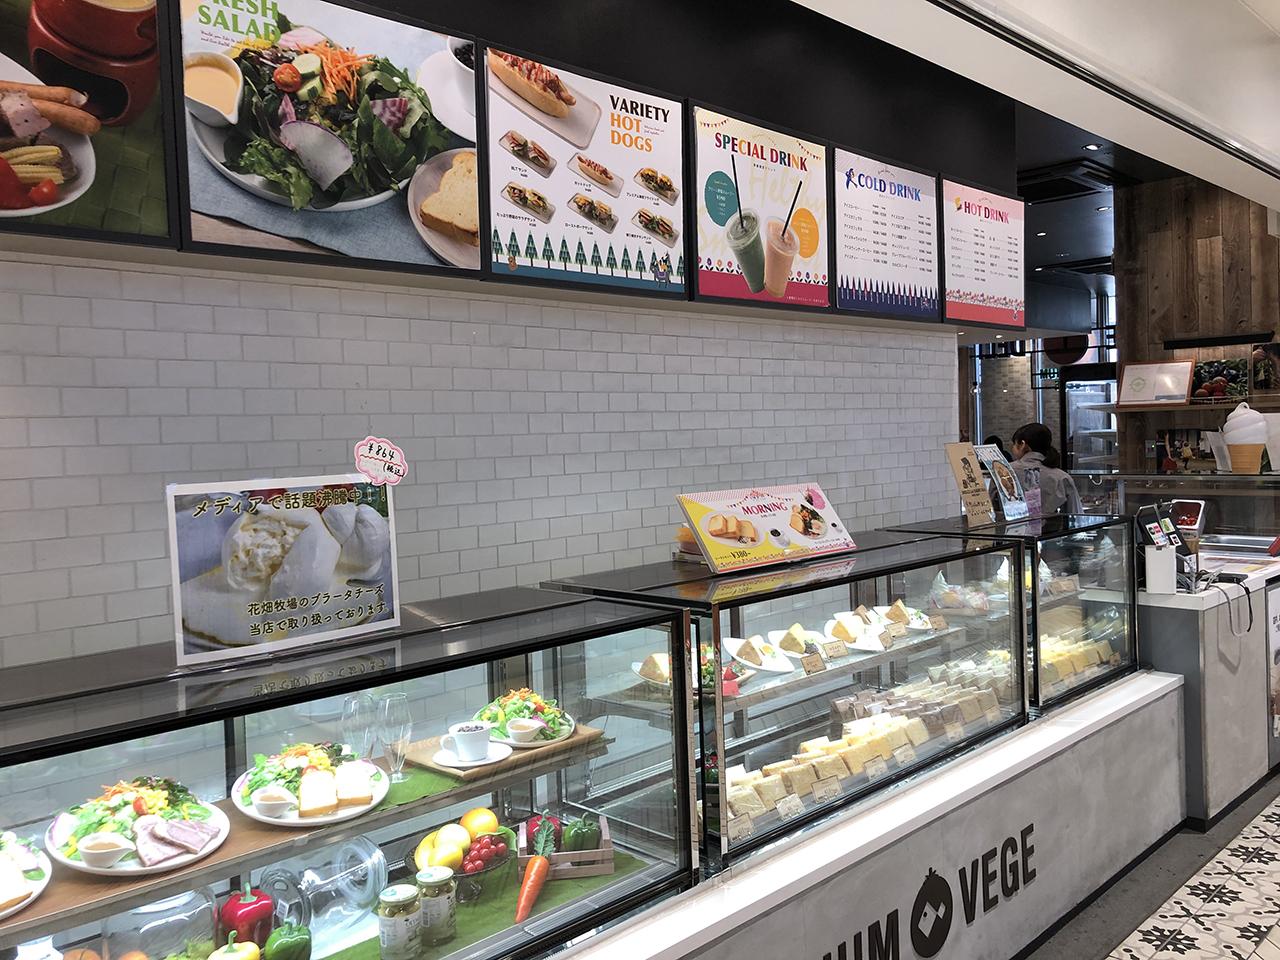 カフェ&デリ プラチナベジ シャポー船橋店 の画像